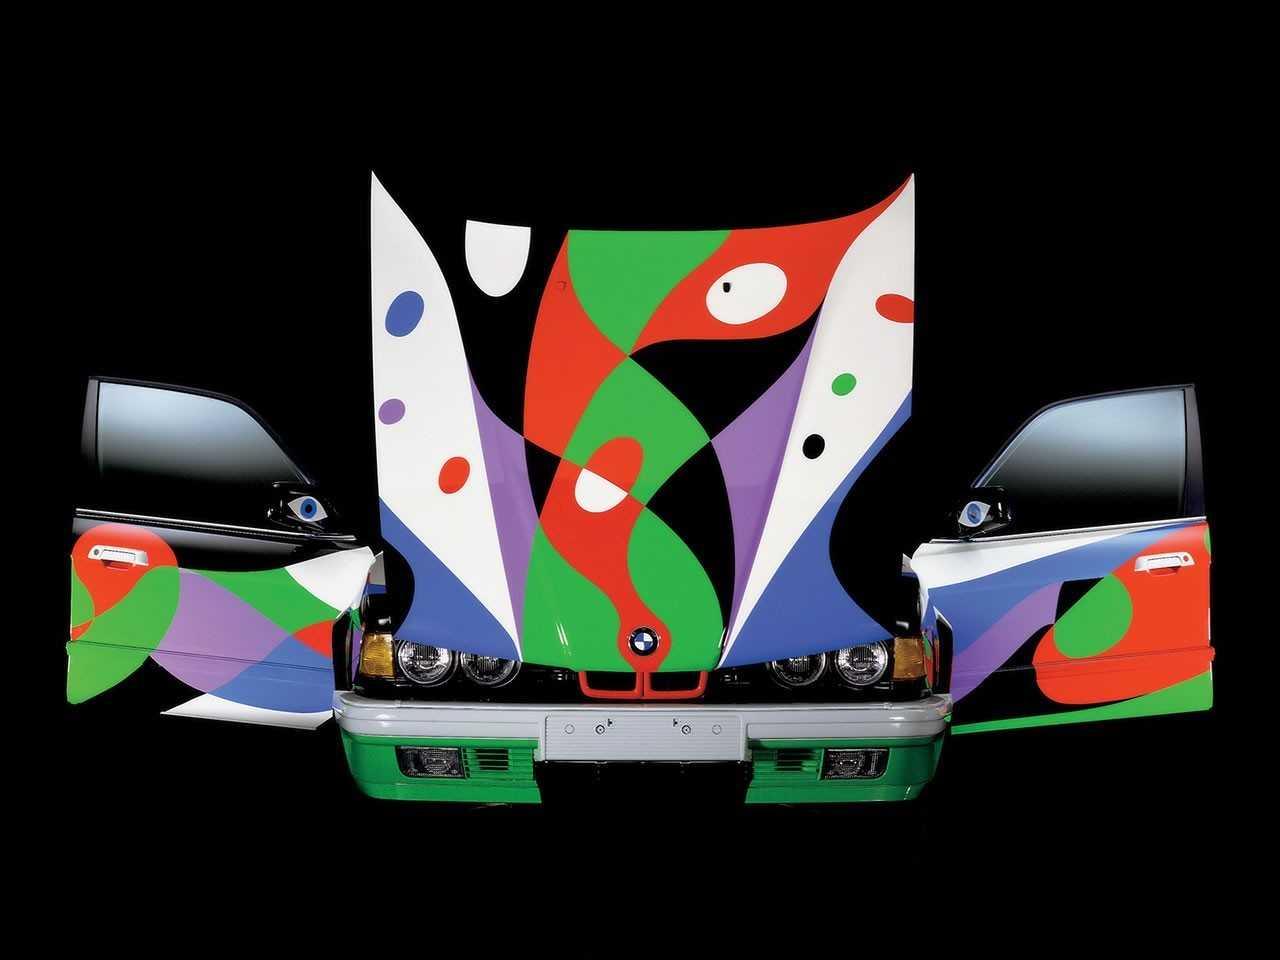 Lanzarote Geschichte BMW Art Car Collection von Manrique designed